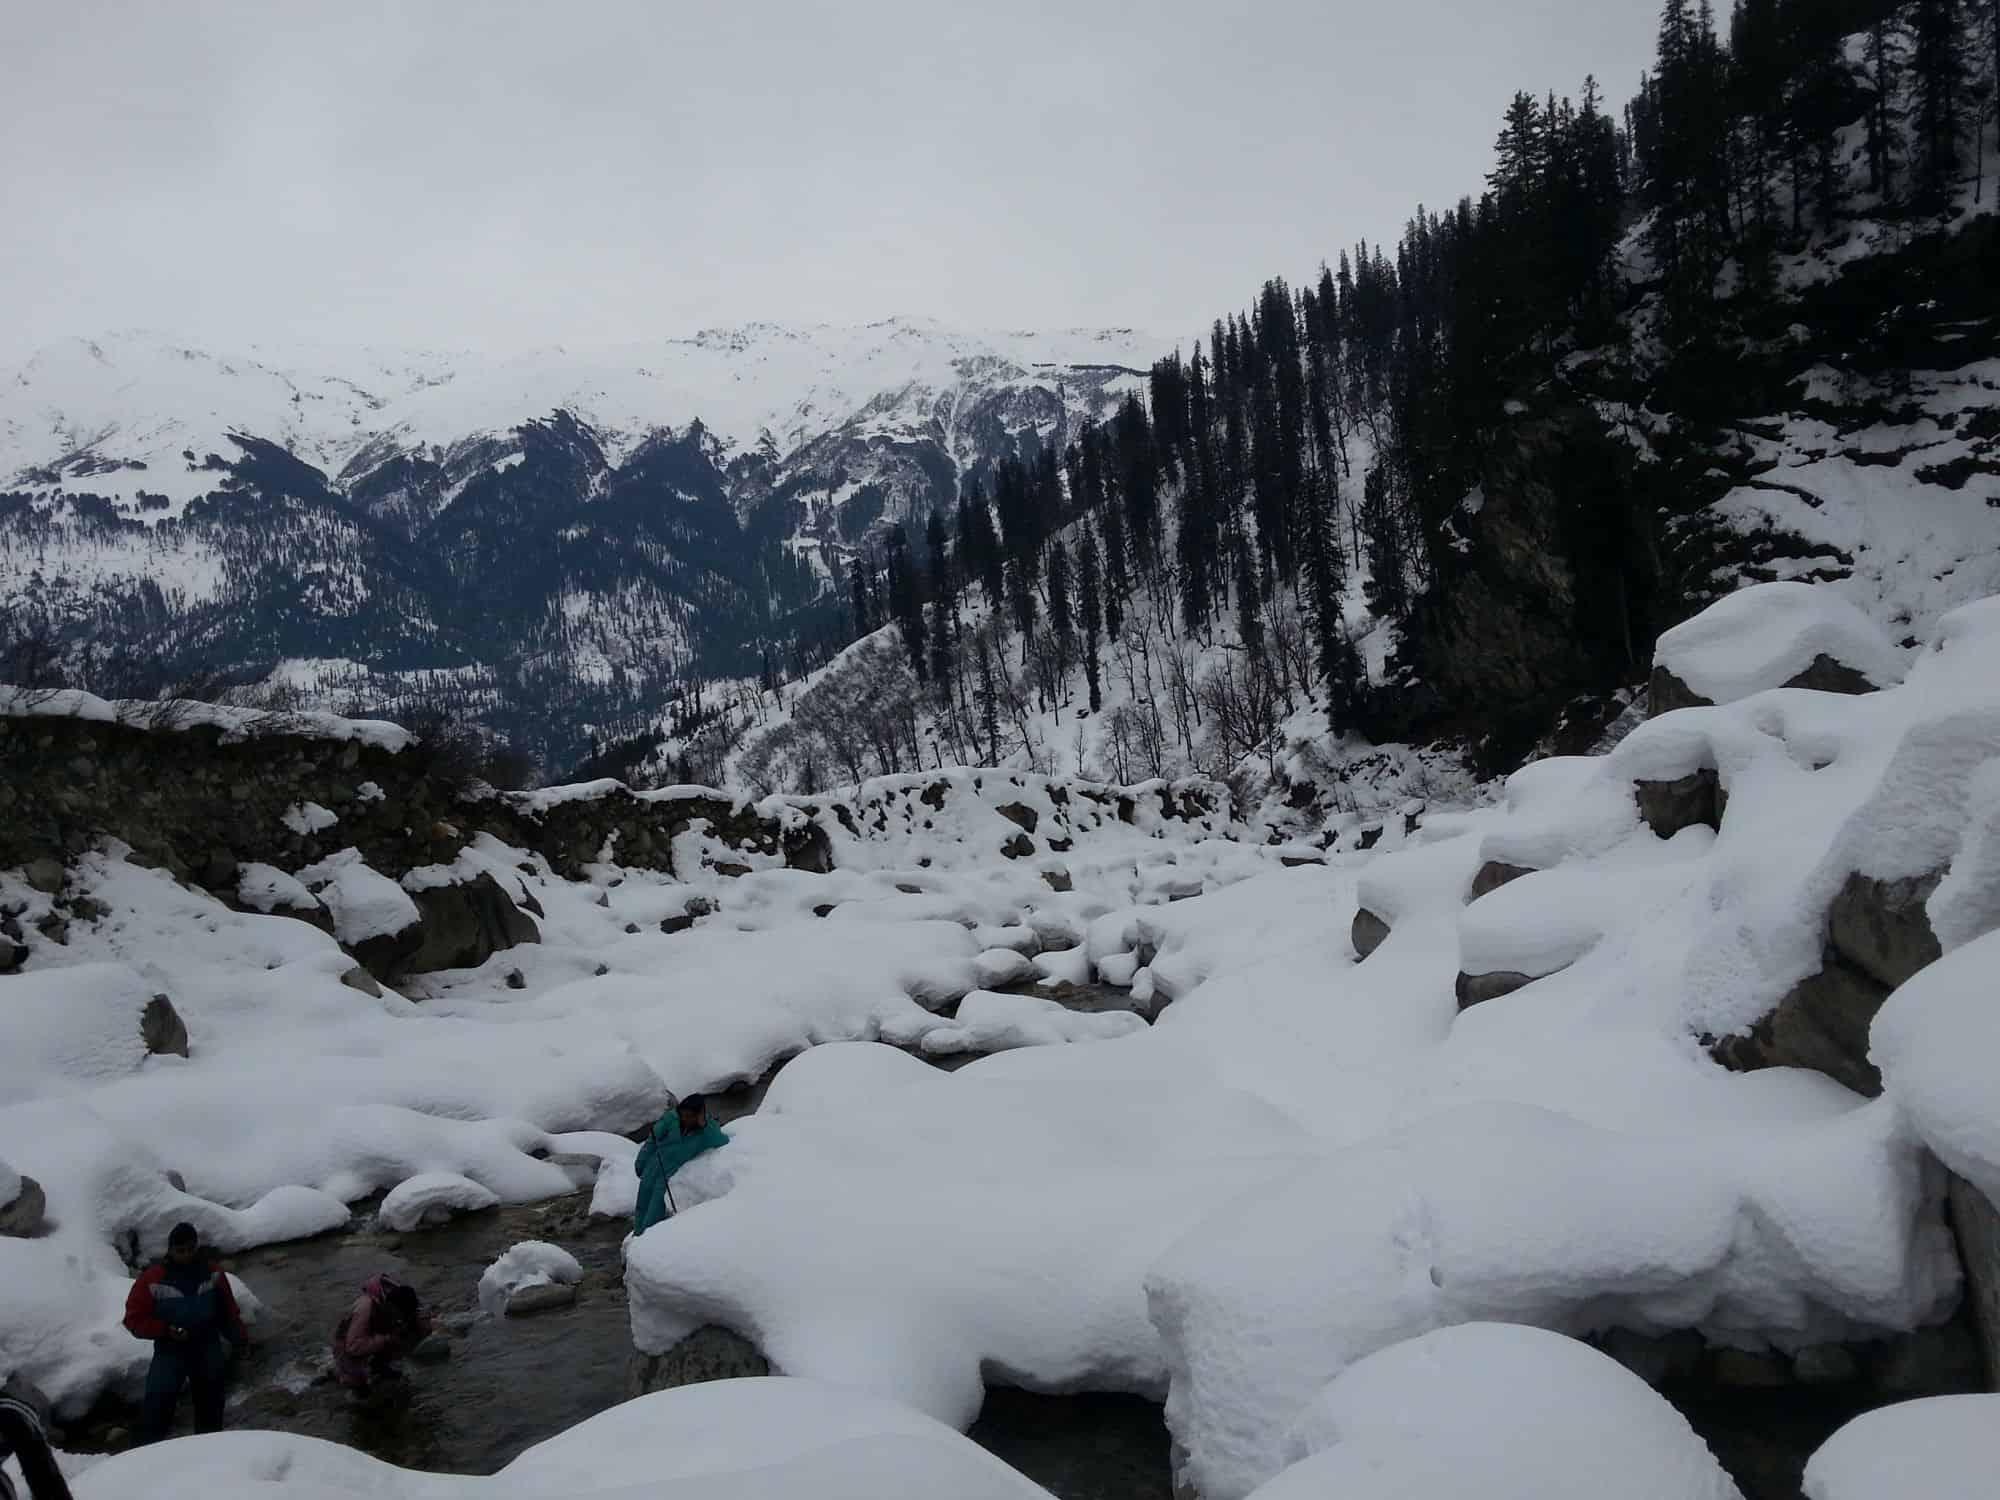 Solang valley snowfall